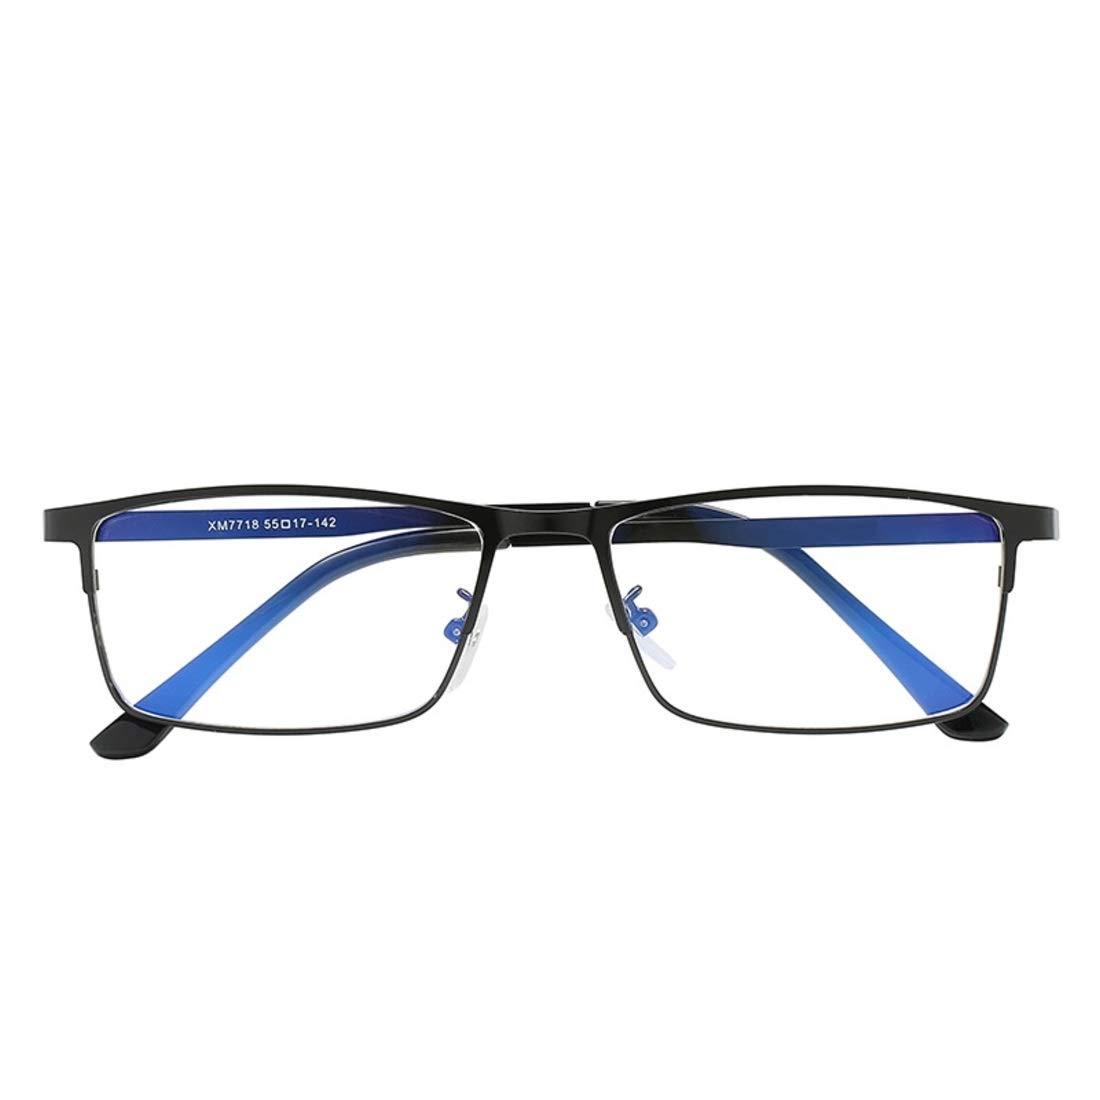 Funytine Gafas de luz cuadradas contra Azules cl/ásicas de los Hombres de Negocios de la Moda de Metal Cuadrados para Mujeres Gafas de Ordenador Color : Gold